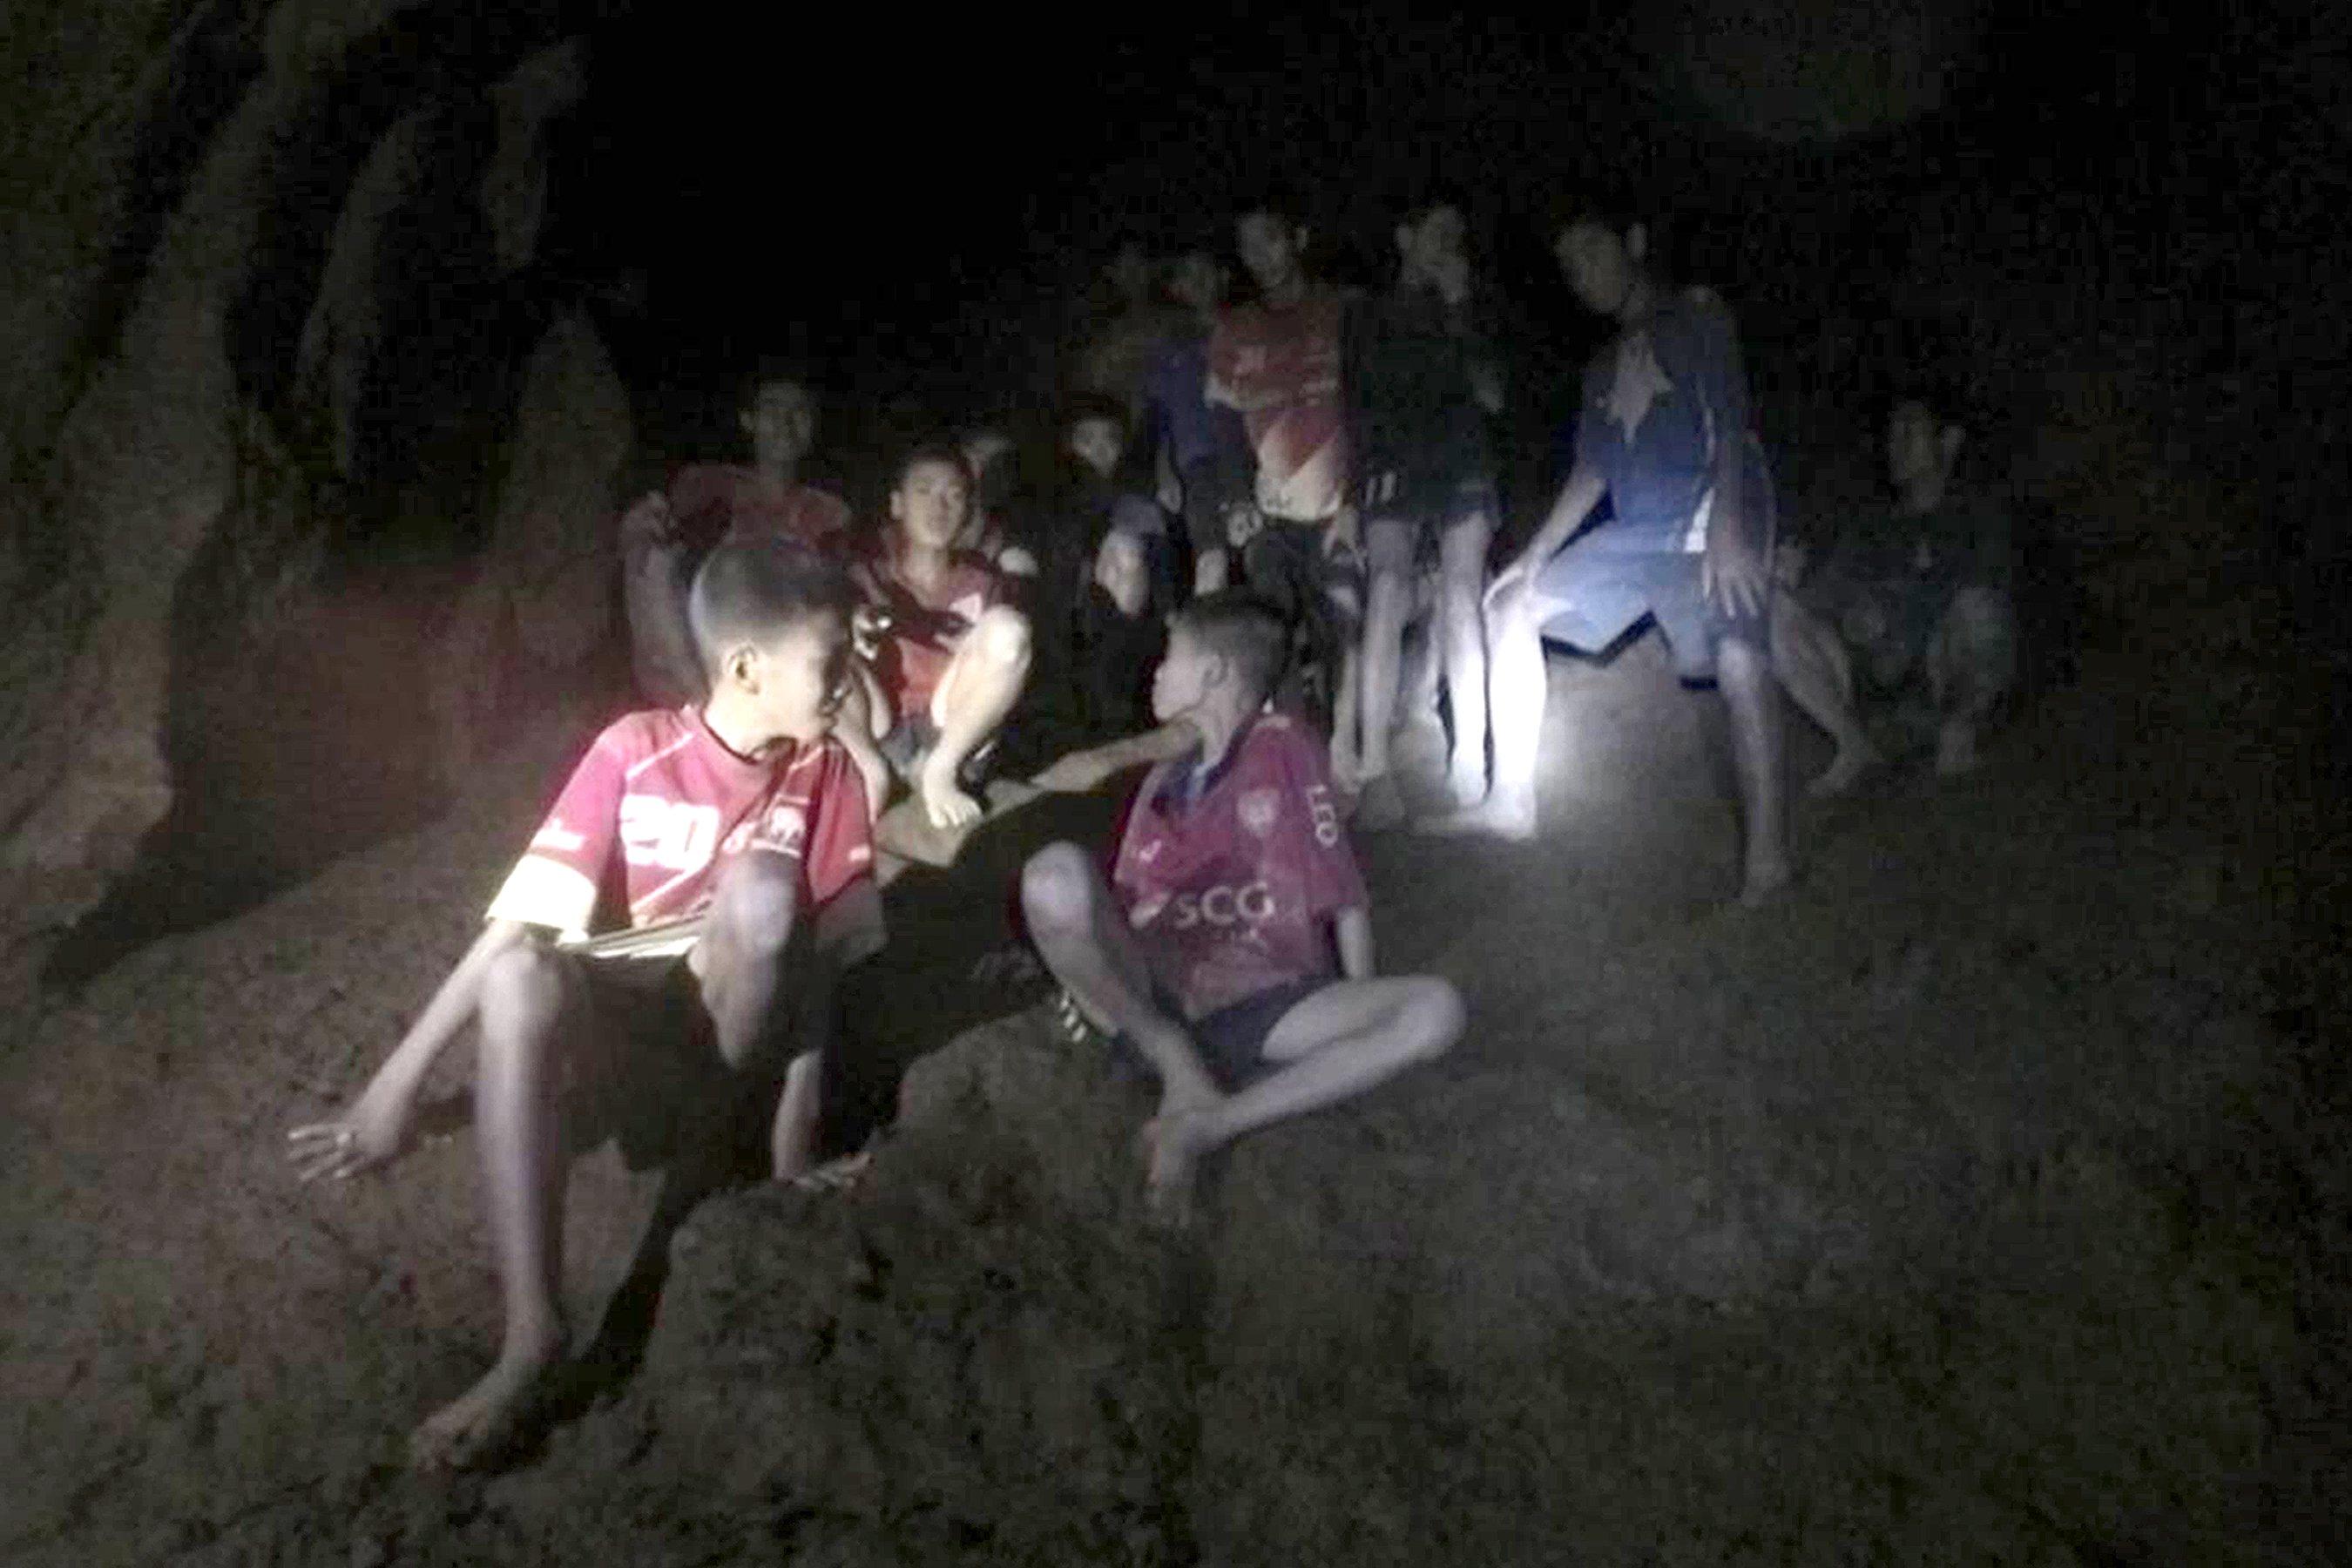 Илон Маск построит «подлодку детских размеров» для спасения детей из затопленной пещеры Тайланда